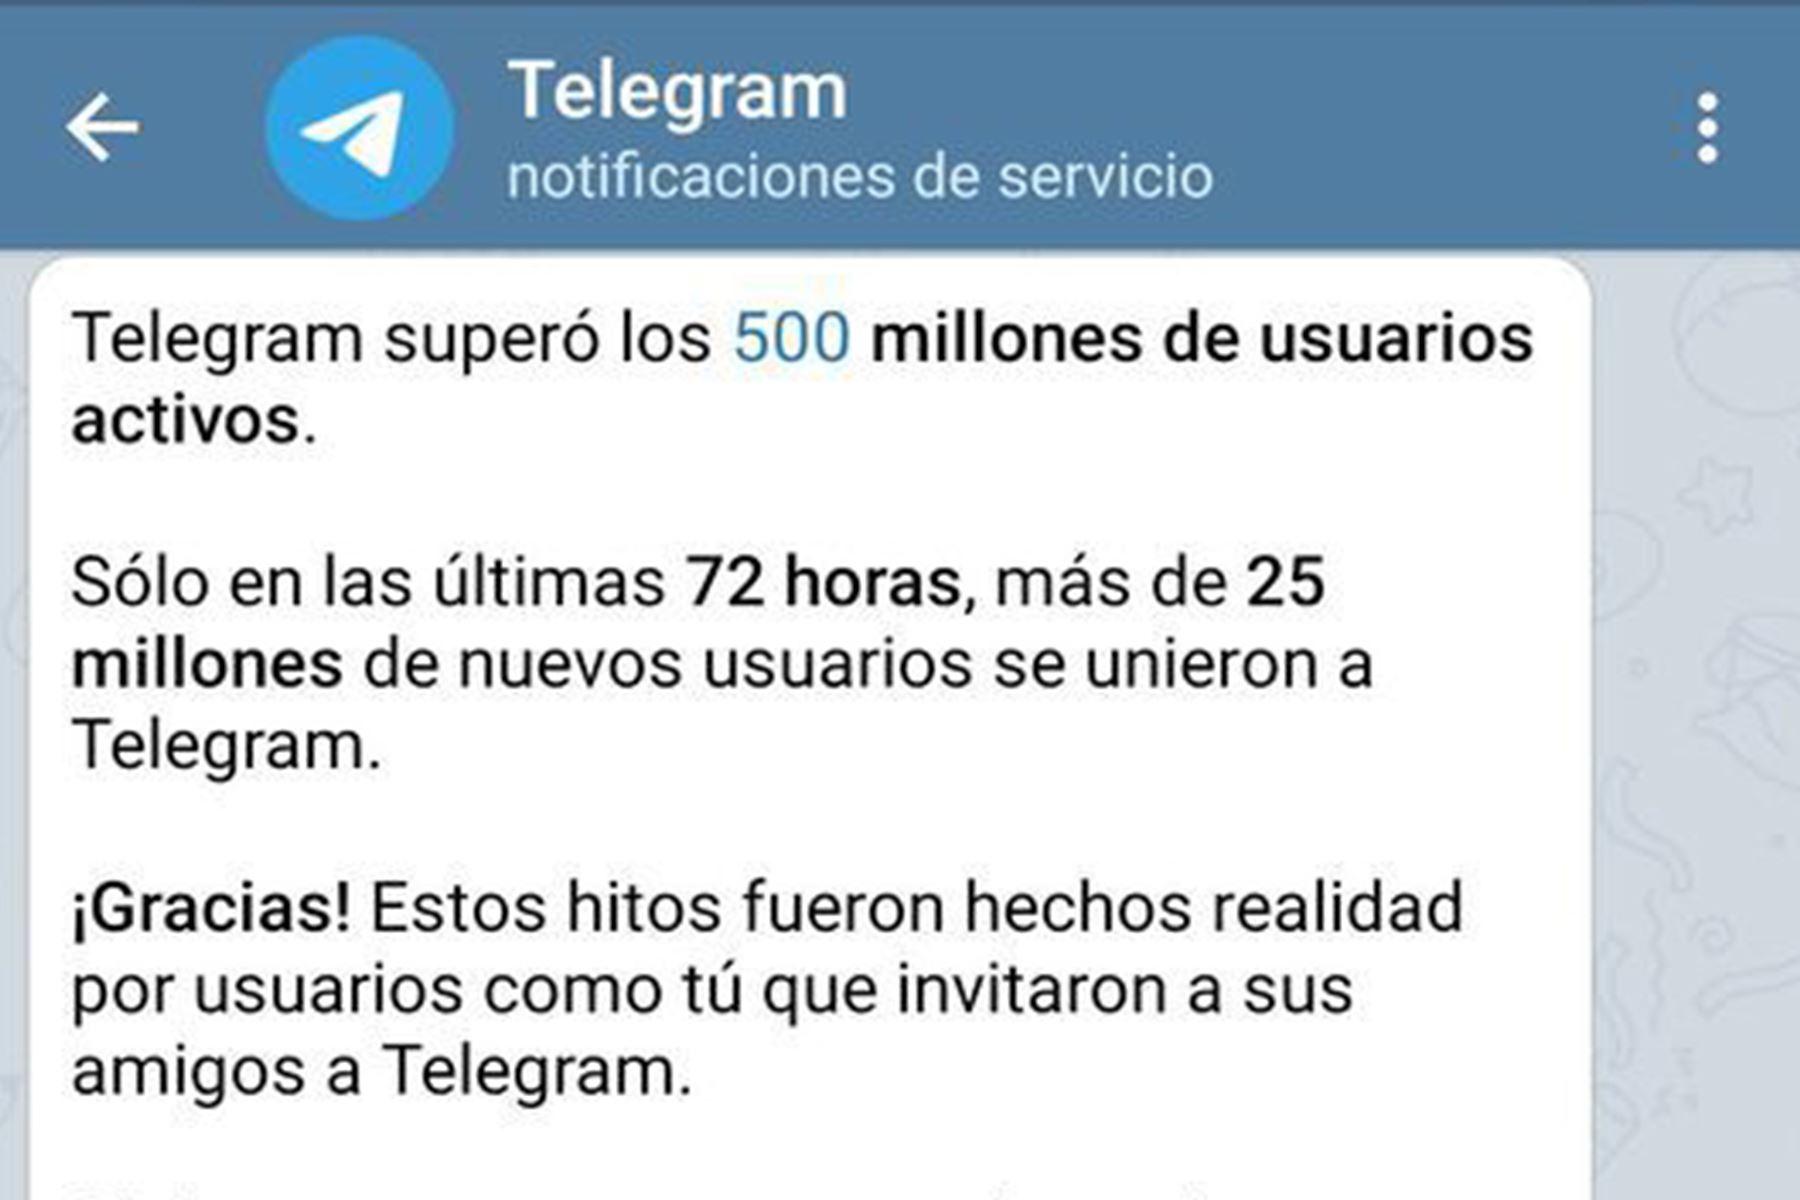 Telegram afirma batir récords de inscripciones tras nuevas reglas de WhatsApp (Foto: AFP)